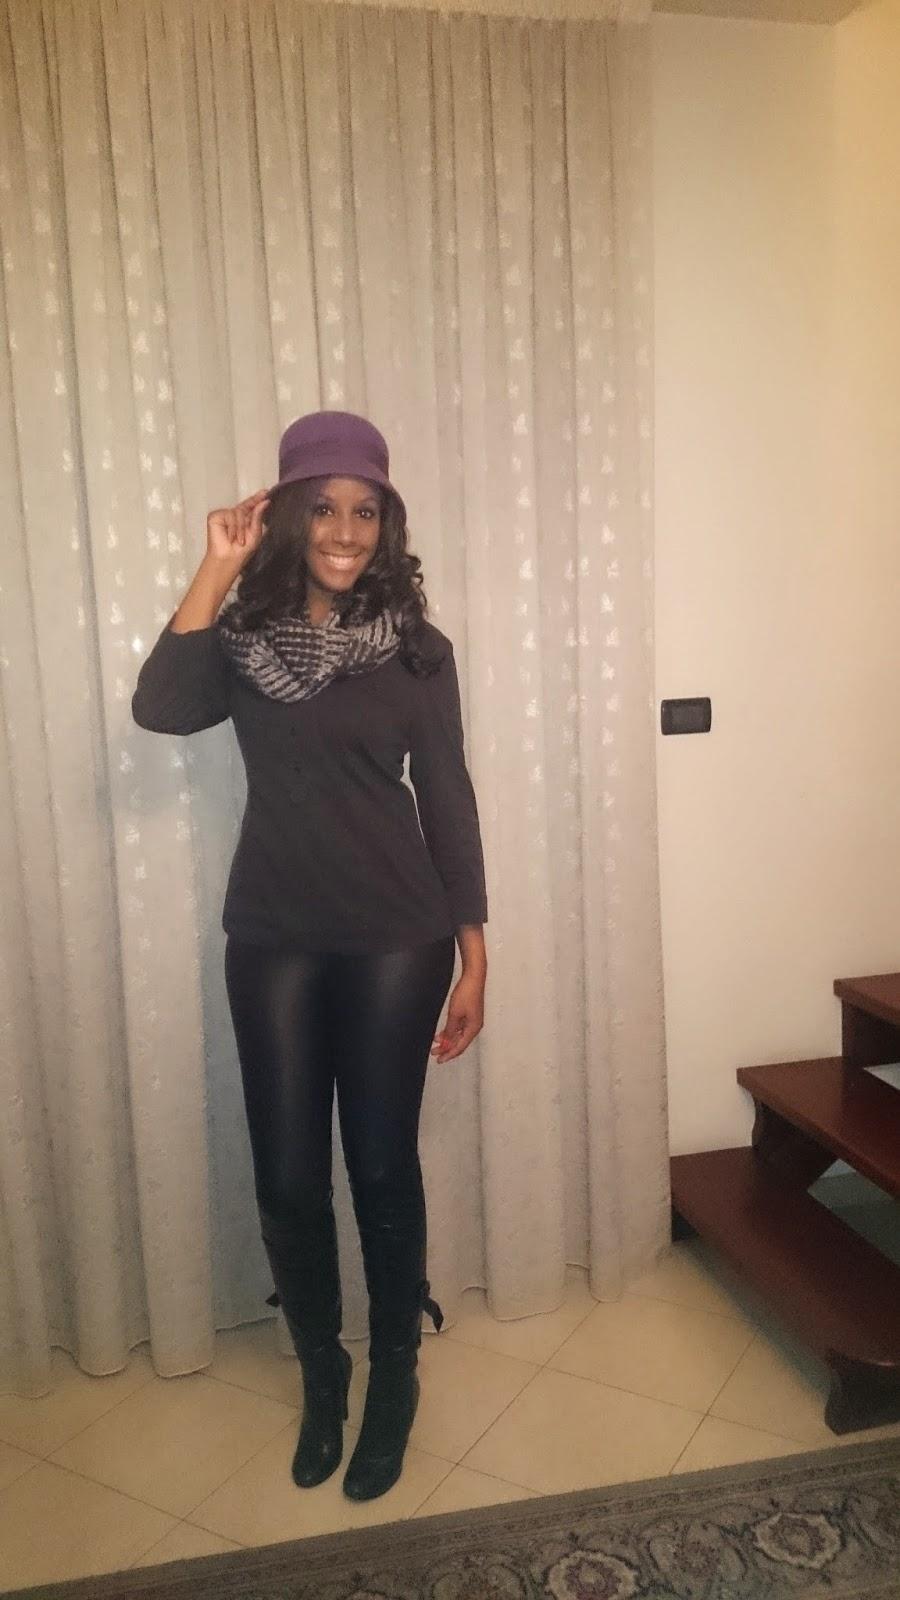 9f2b301f40a66 Angela Pent moda e beleza  Chapéu no inverno  como usar